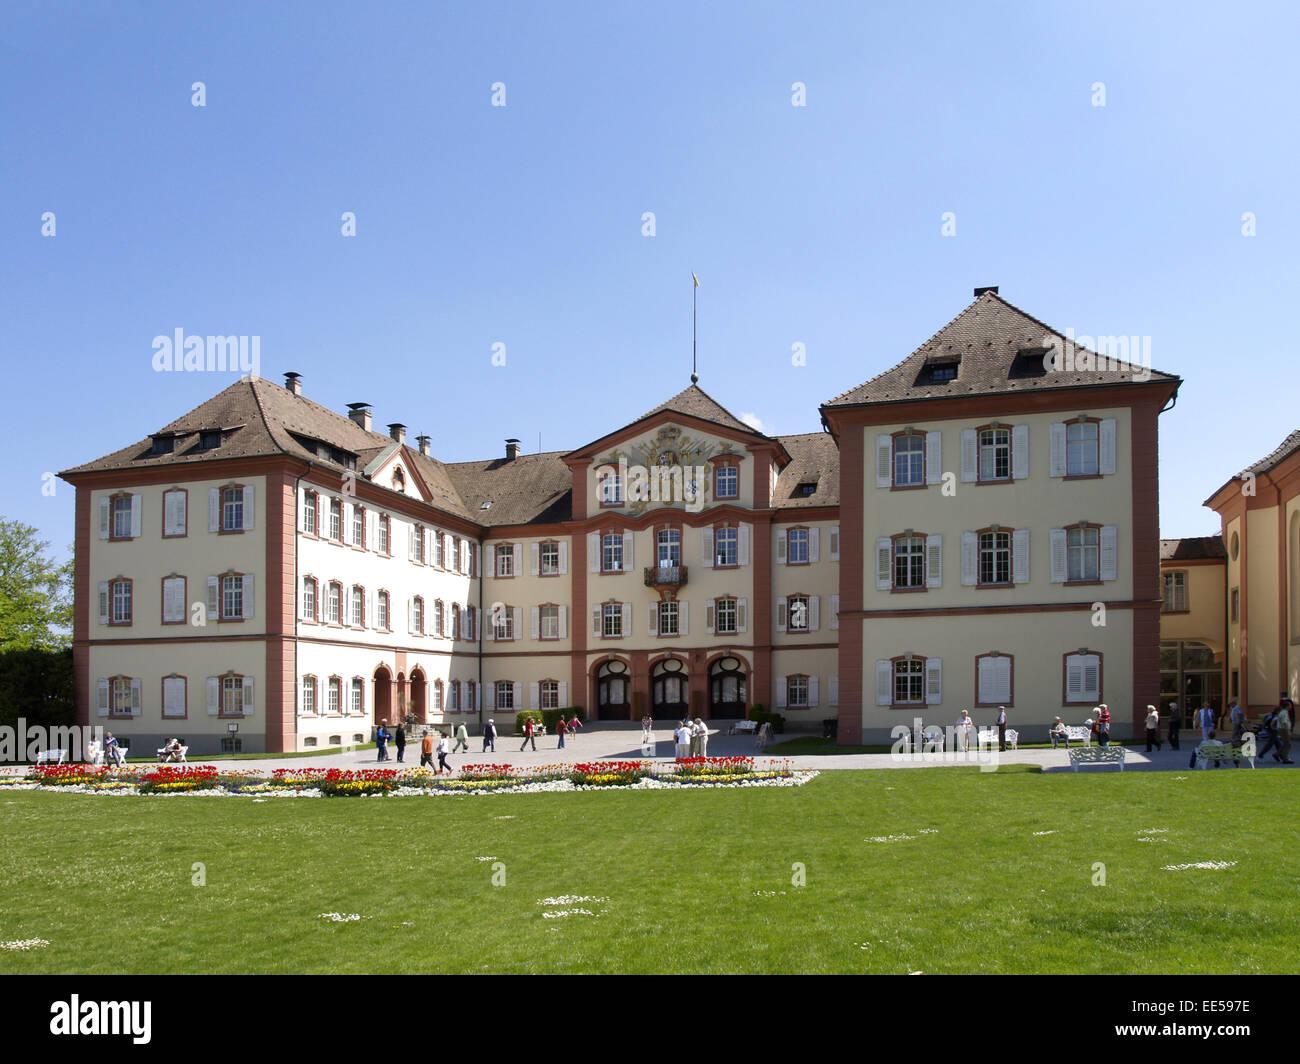 Deutschland, Bodensee, Europa, Sehenswuerdigkeit, Tourismus, Baden-Wuerttemberg, Insel Mainau, Schloss, Blumeninsel, - Stock Image